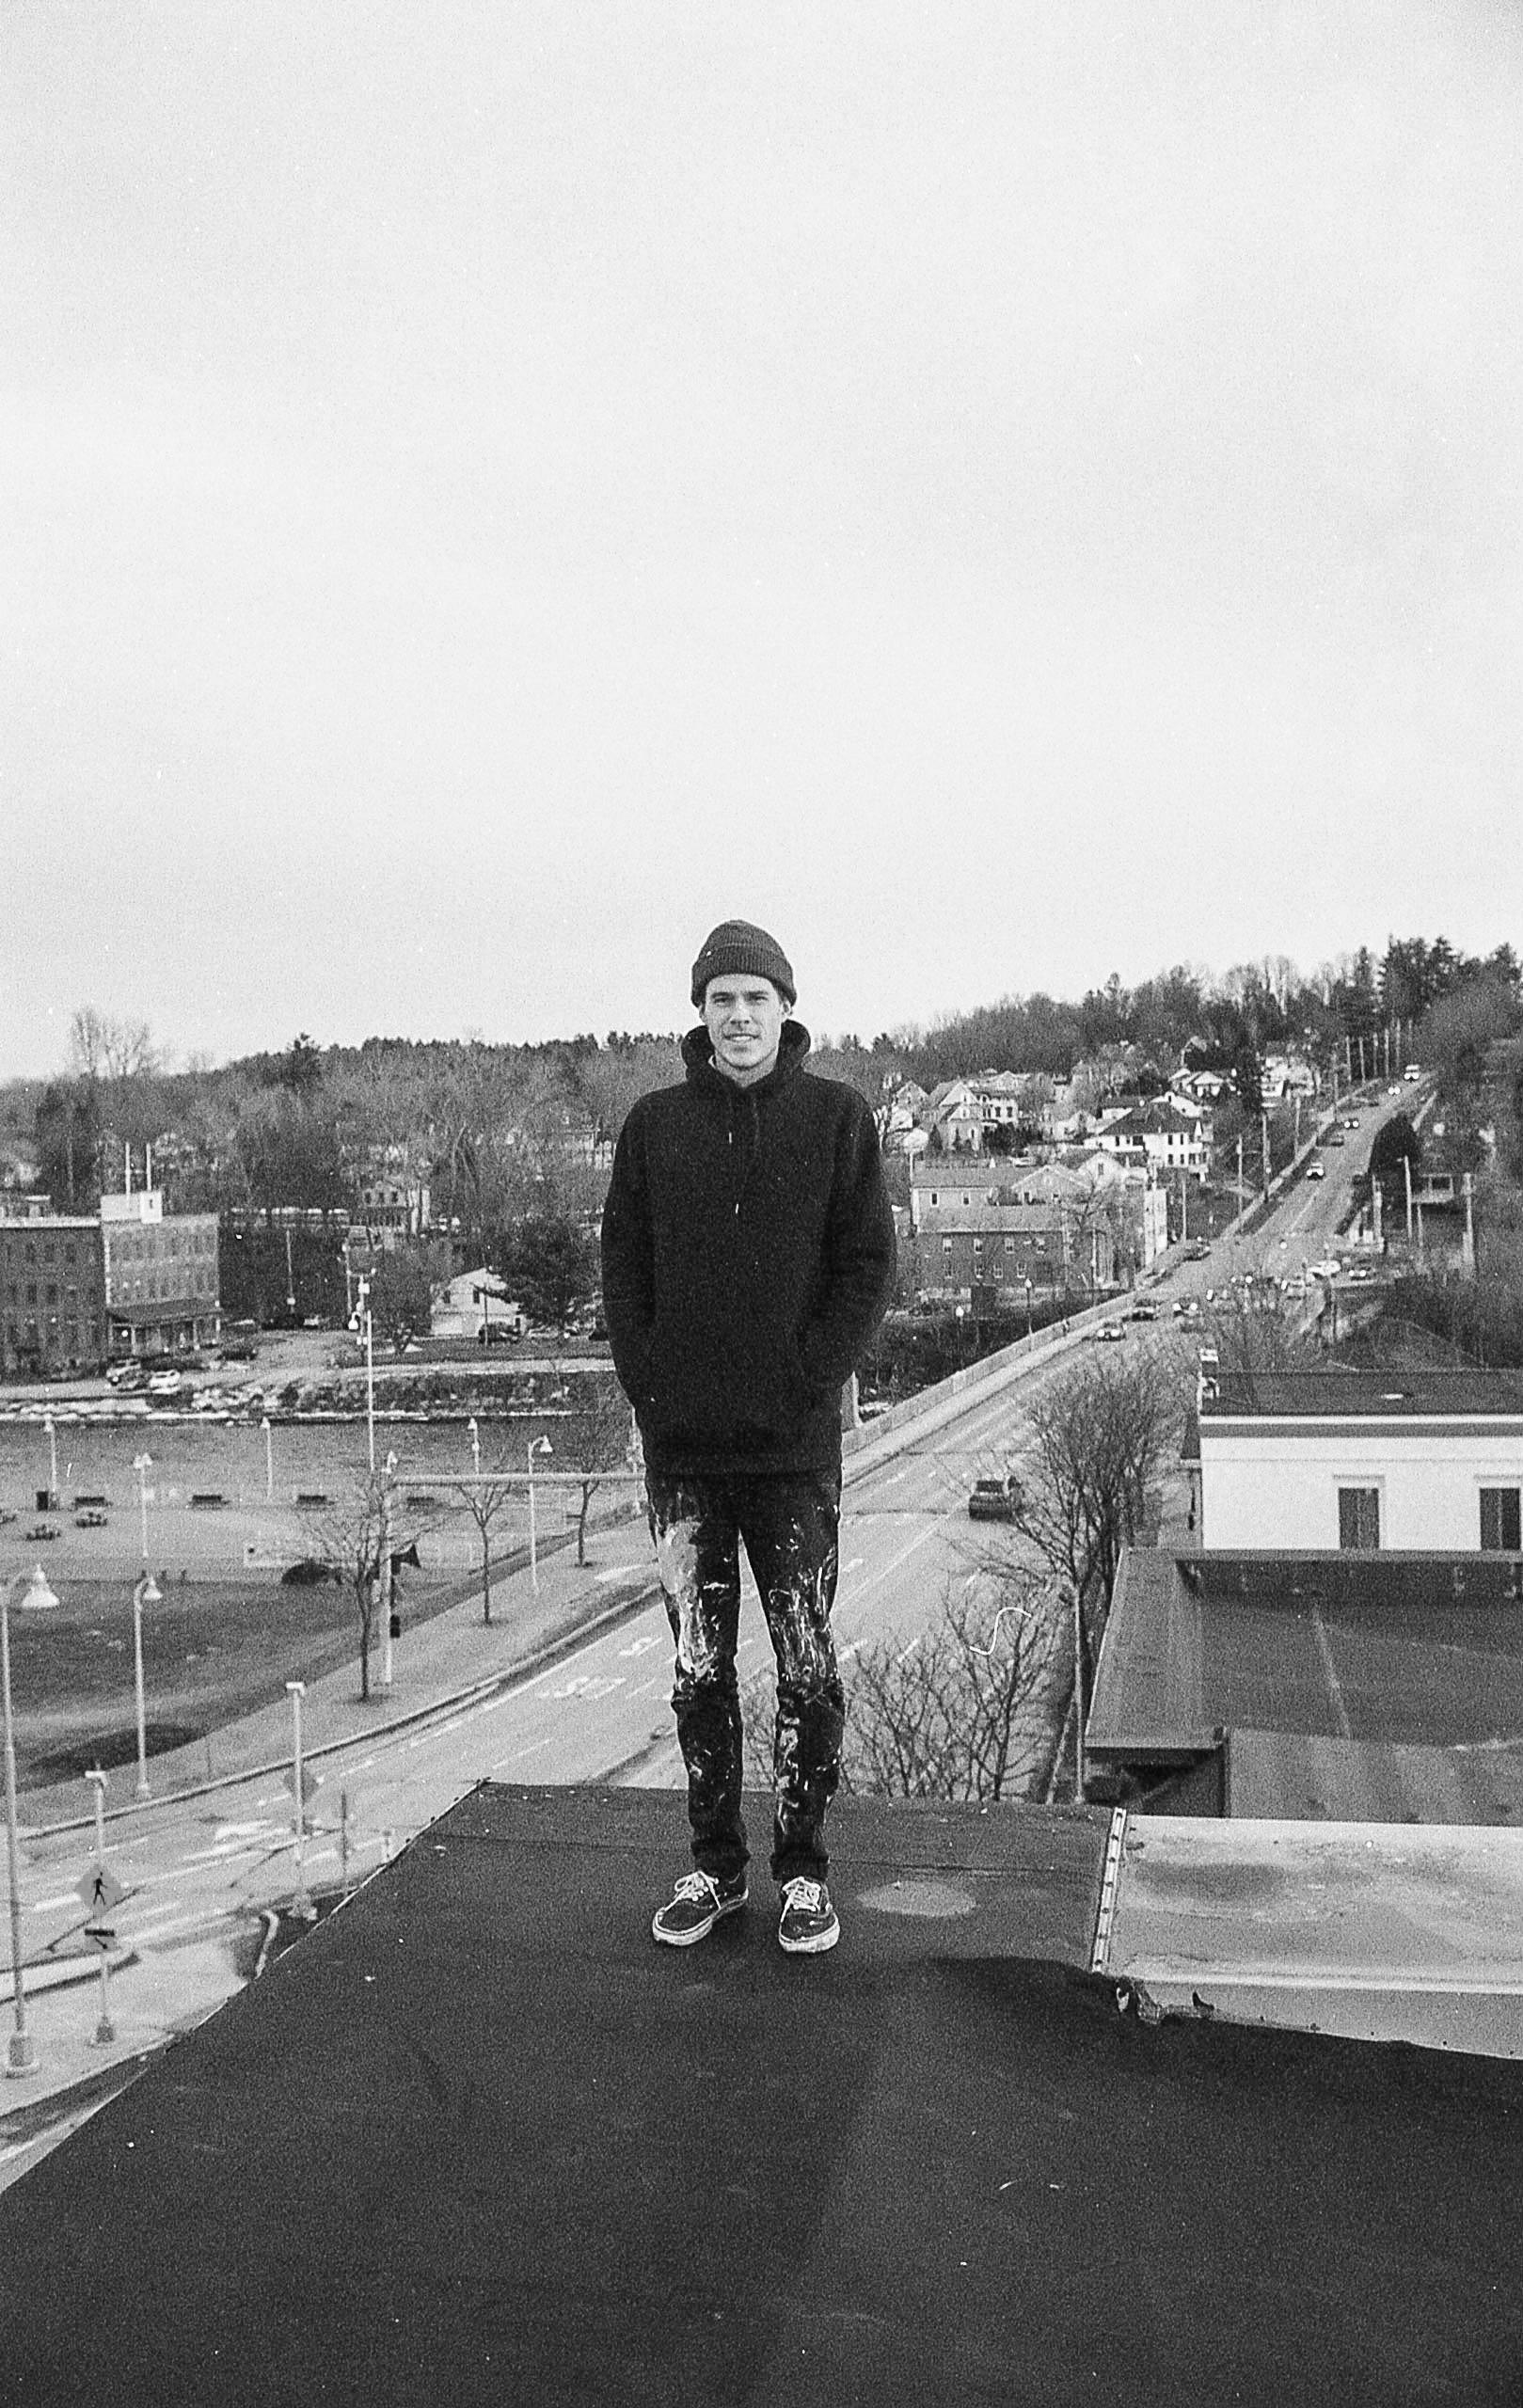 jackson-tupper_portrait_daniel-schechner.jpg